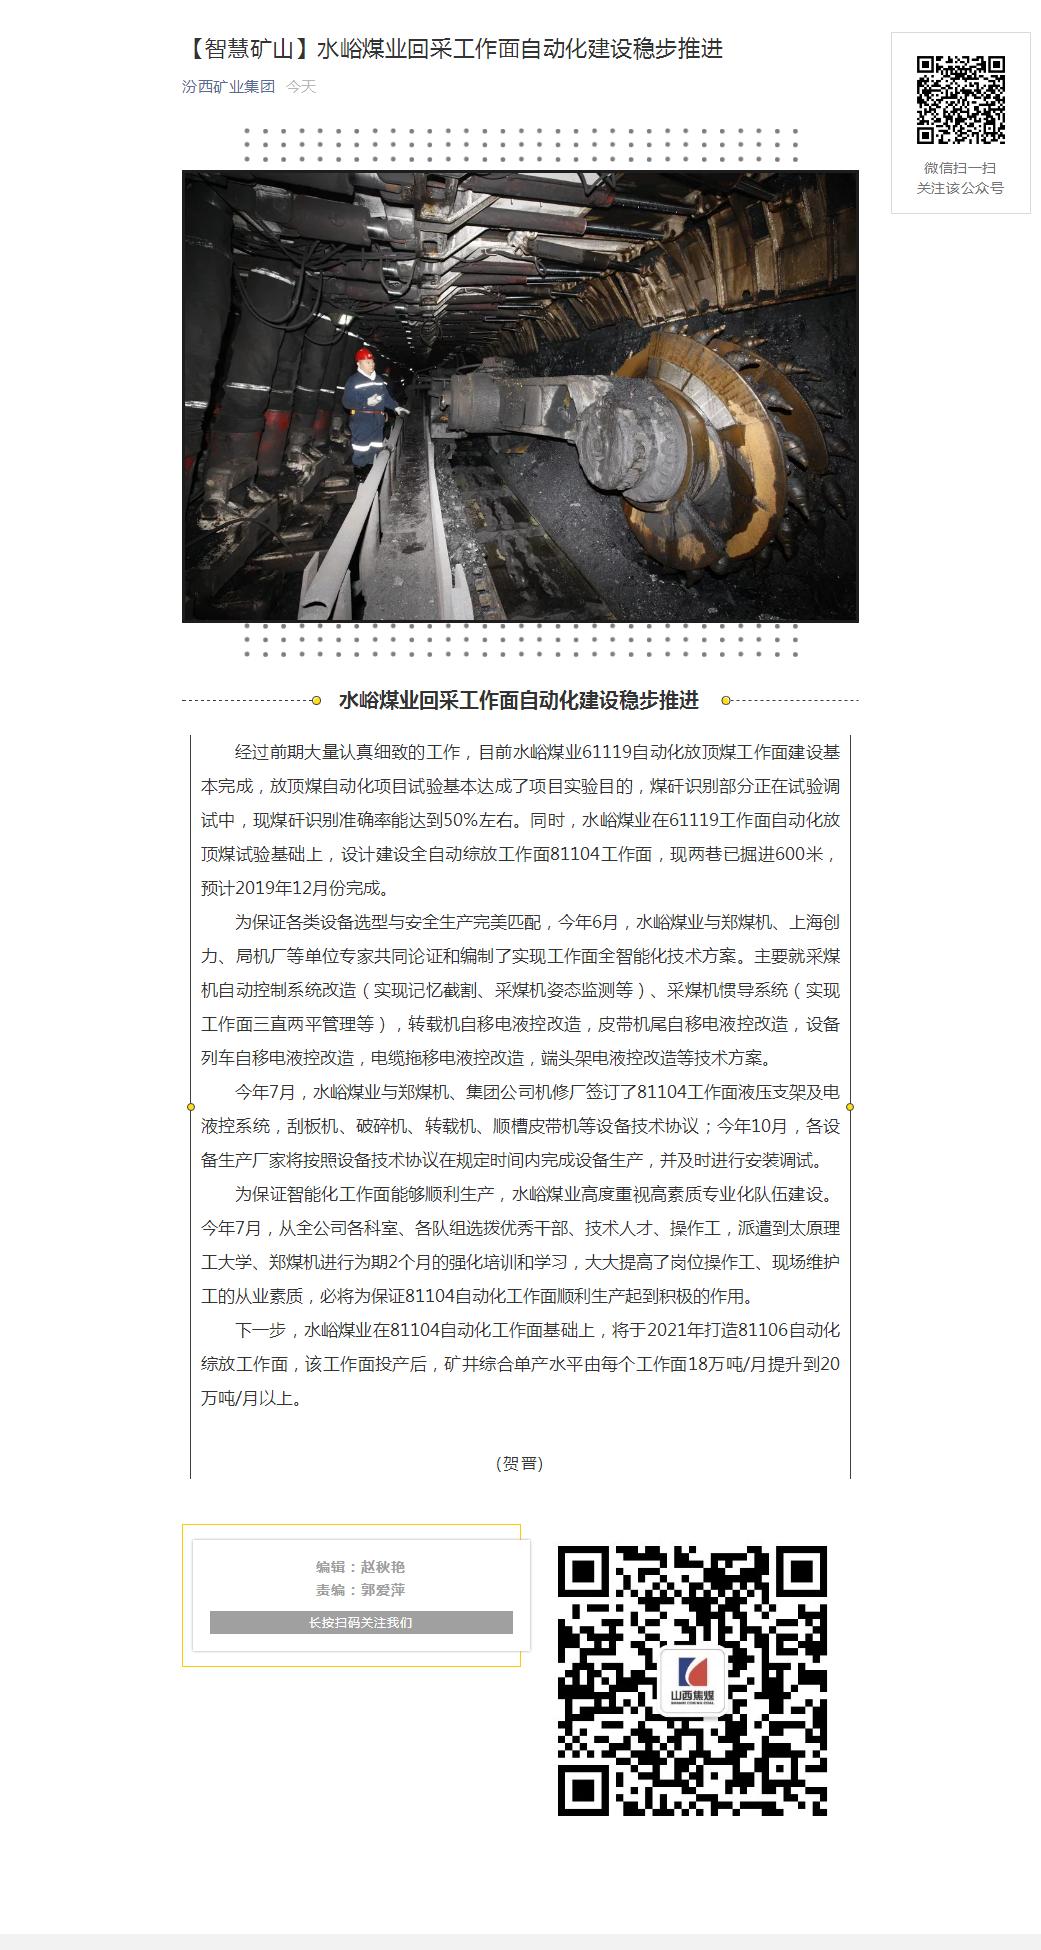 【智慧礦山】水峪煤業回采工作面自動化建設穩步推進.png